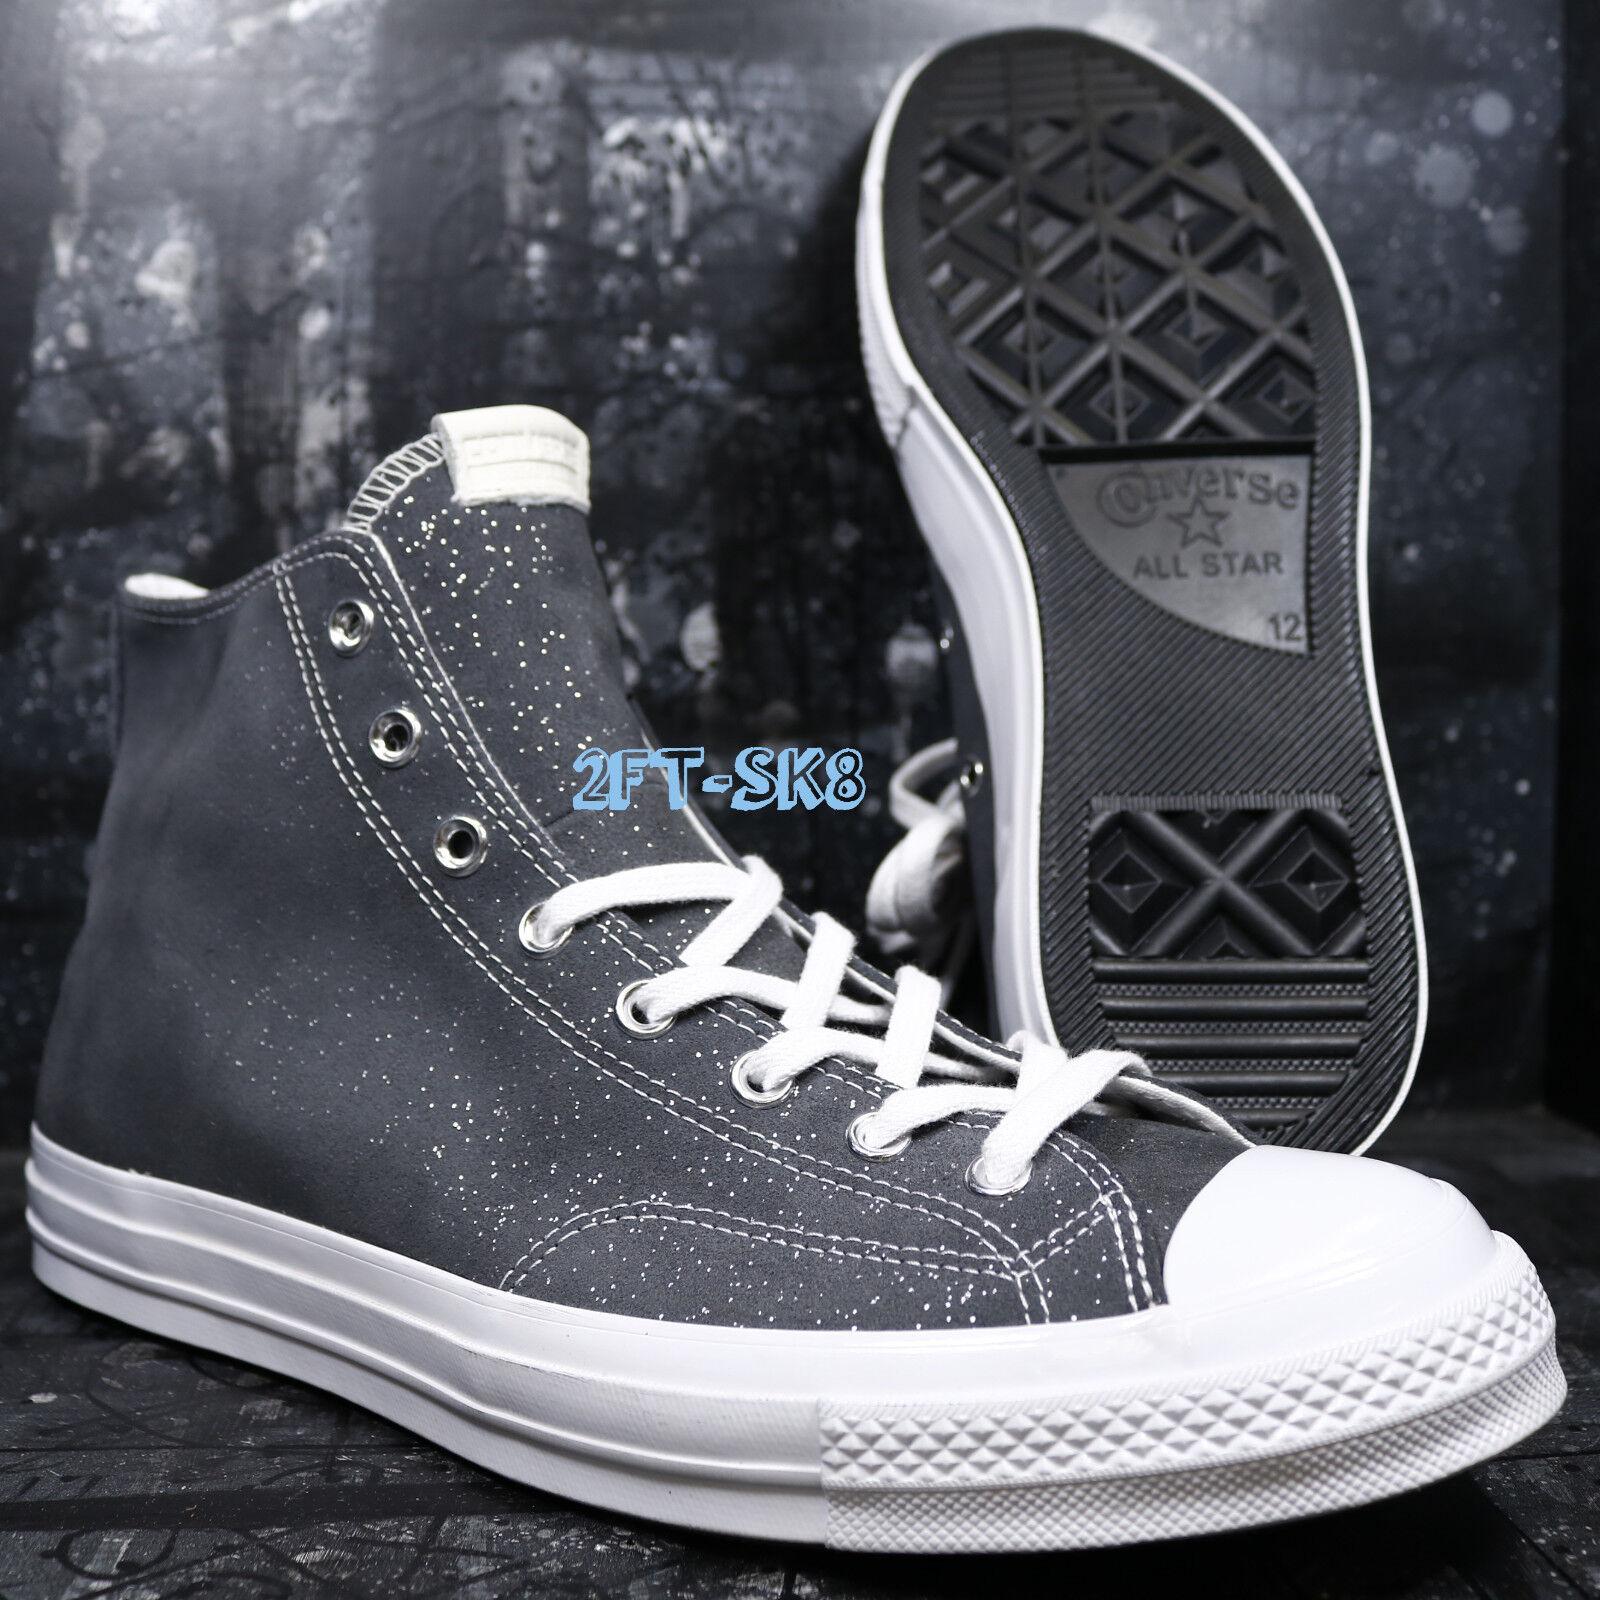 827987853f40 Converse CTAs CTAs CTAs Hi Blank Canvas Sparkle Suede high top SHOES SIZE  12 B88988.267 3f127d